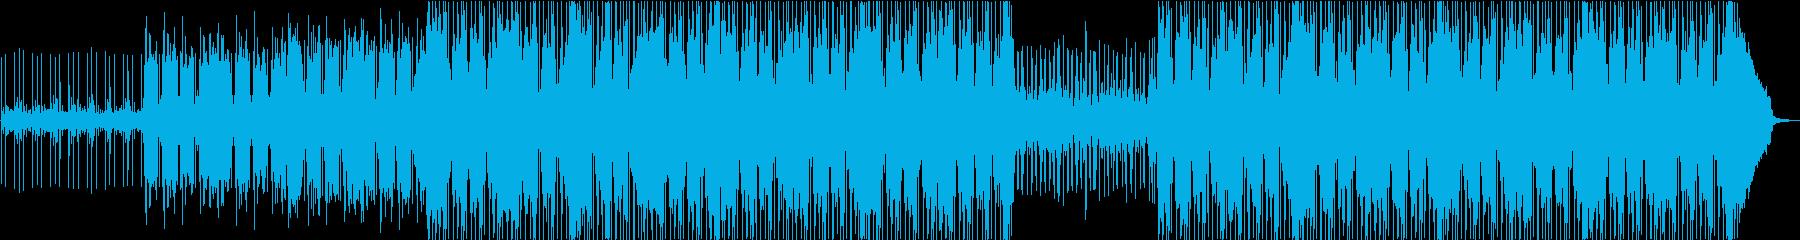 ファンク アンビエントミュージック...の再生済みの波形